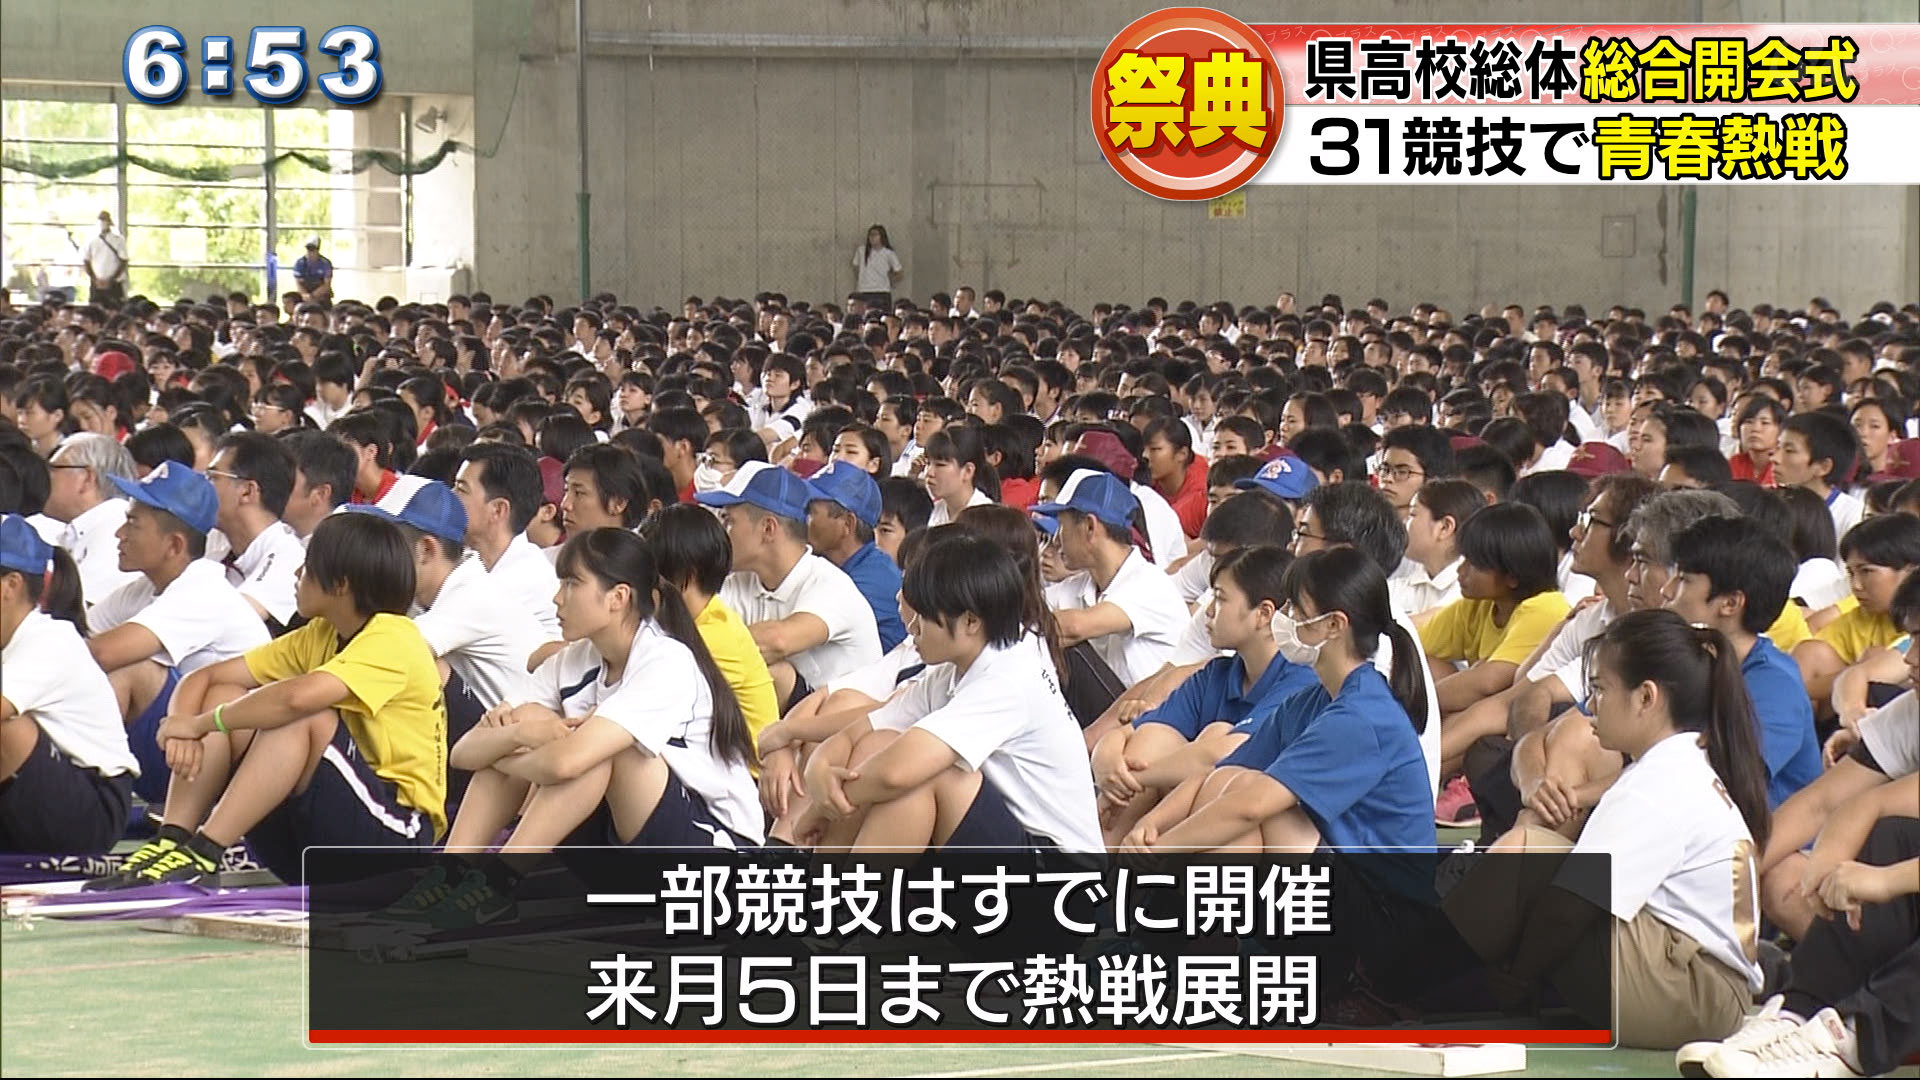 県高校総体開幕 31競技に9700人